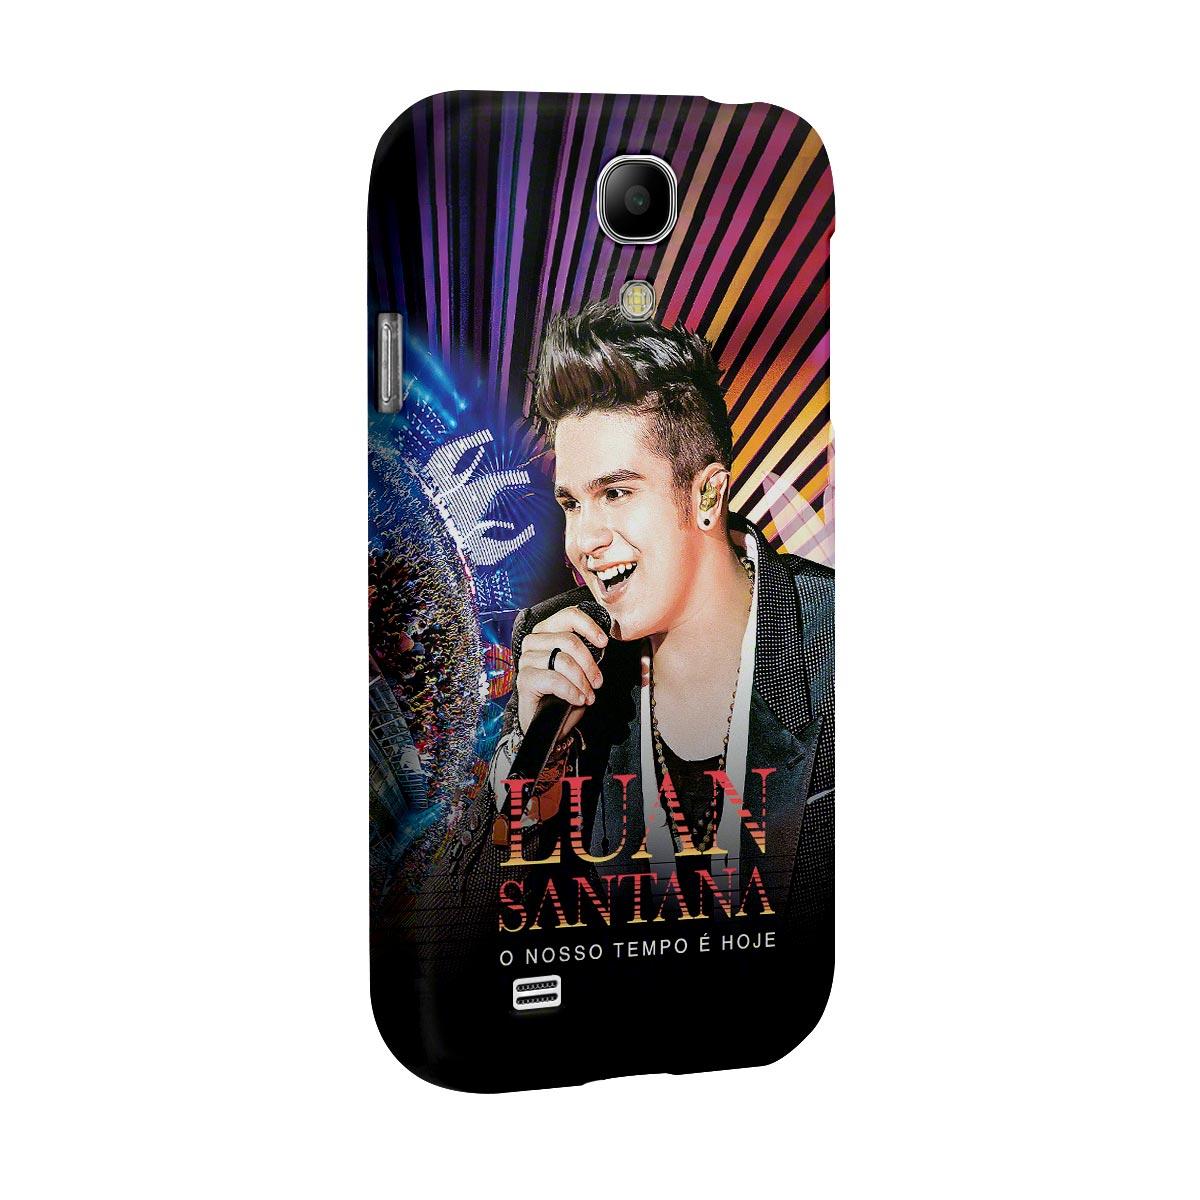 Capa de Celular Samsung Galaxy S4 Luan Santana O Nosso Tempo é Hoje